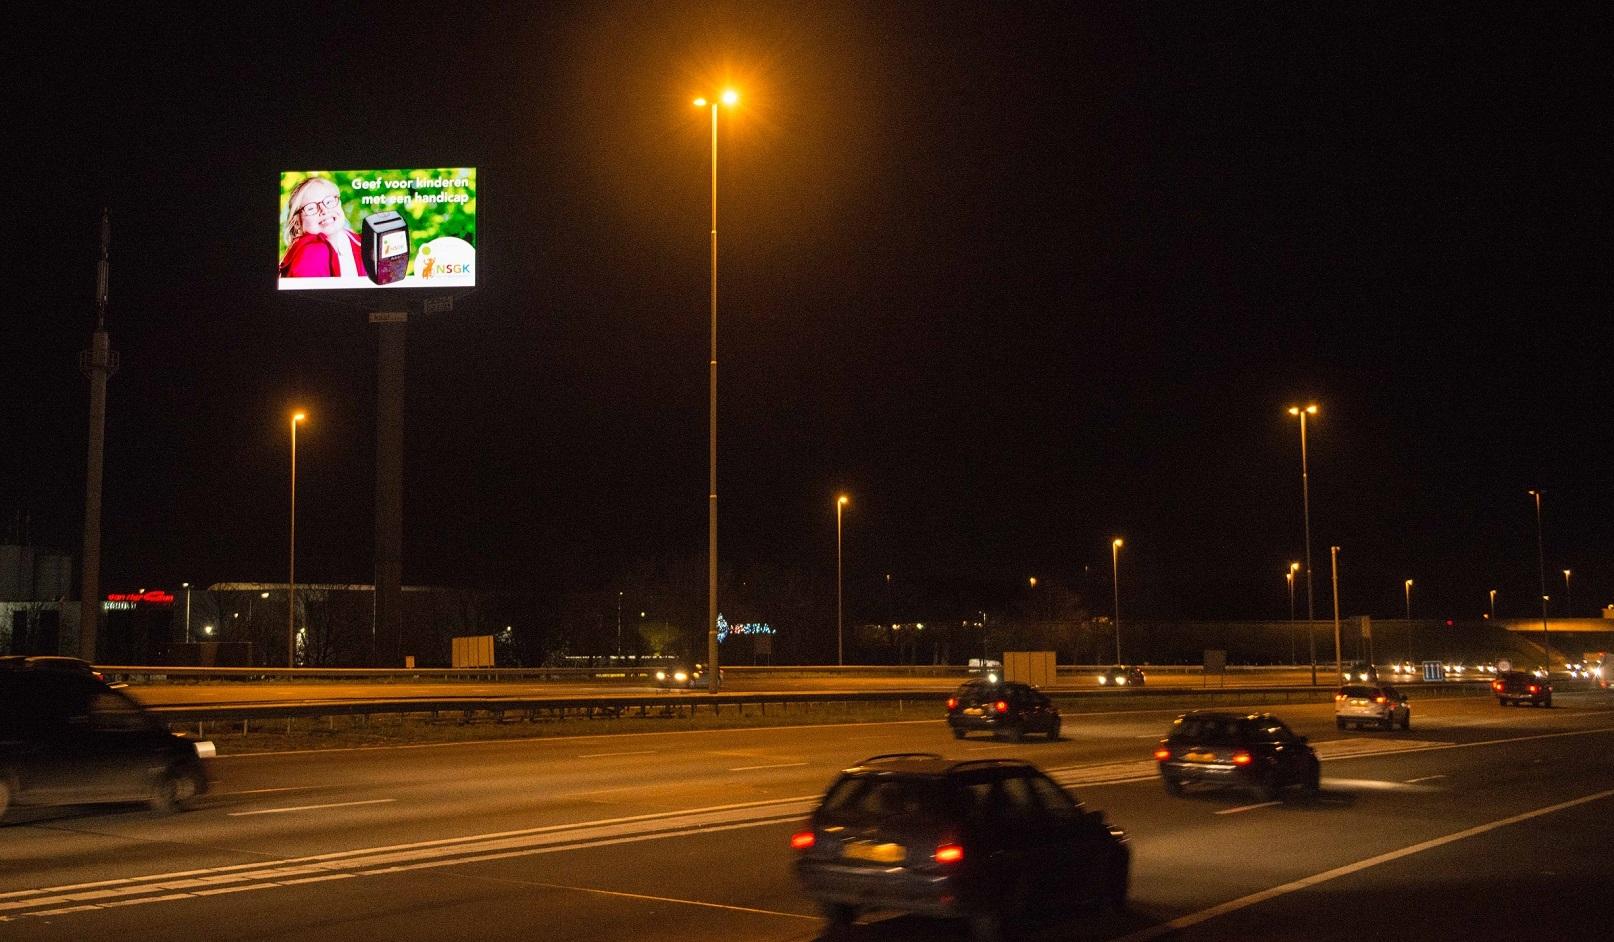 NSGK A2N snelwegreclame